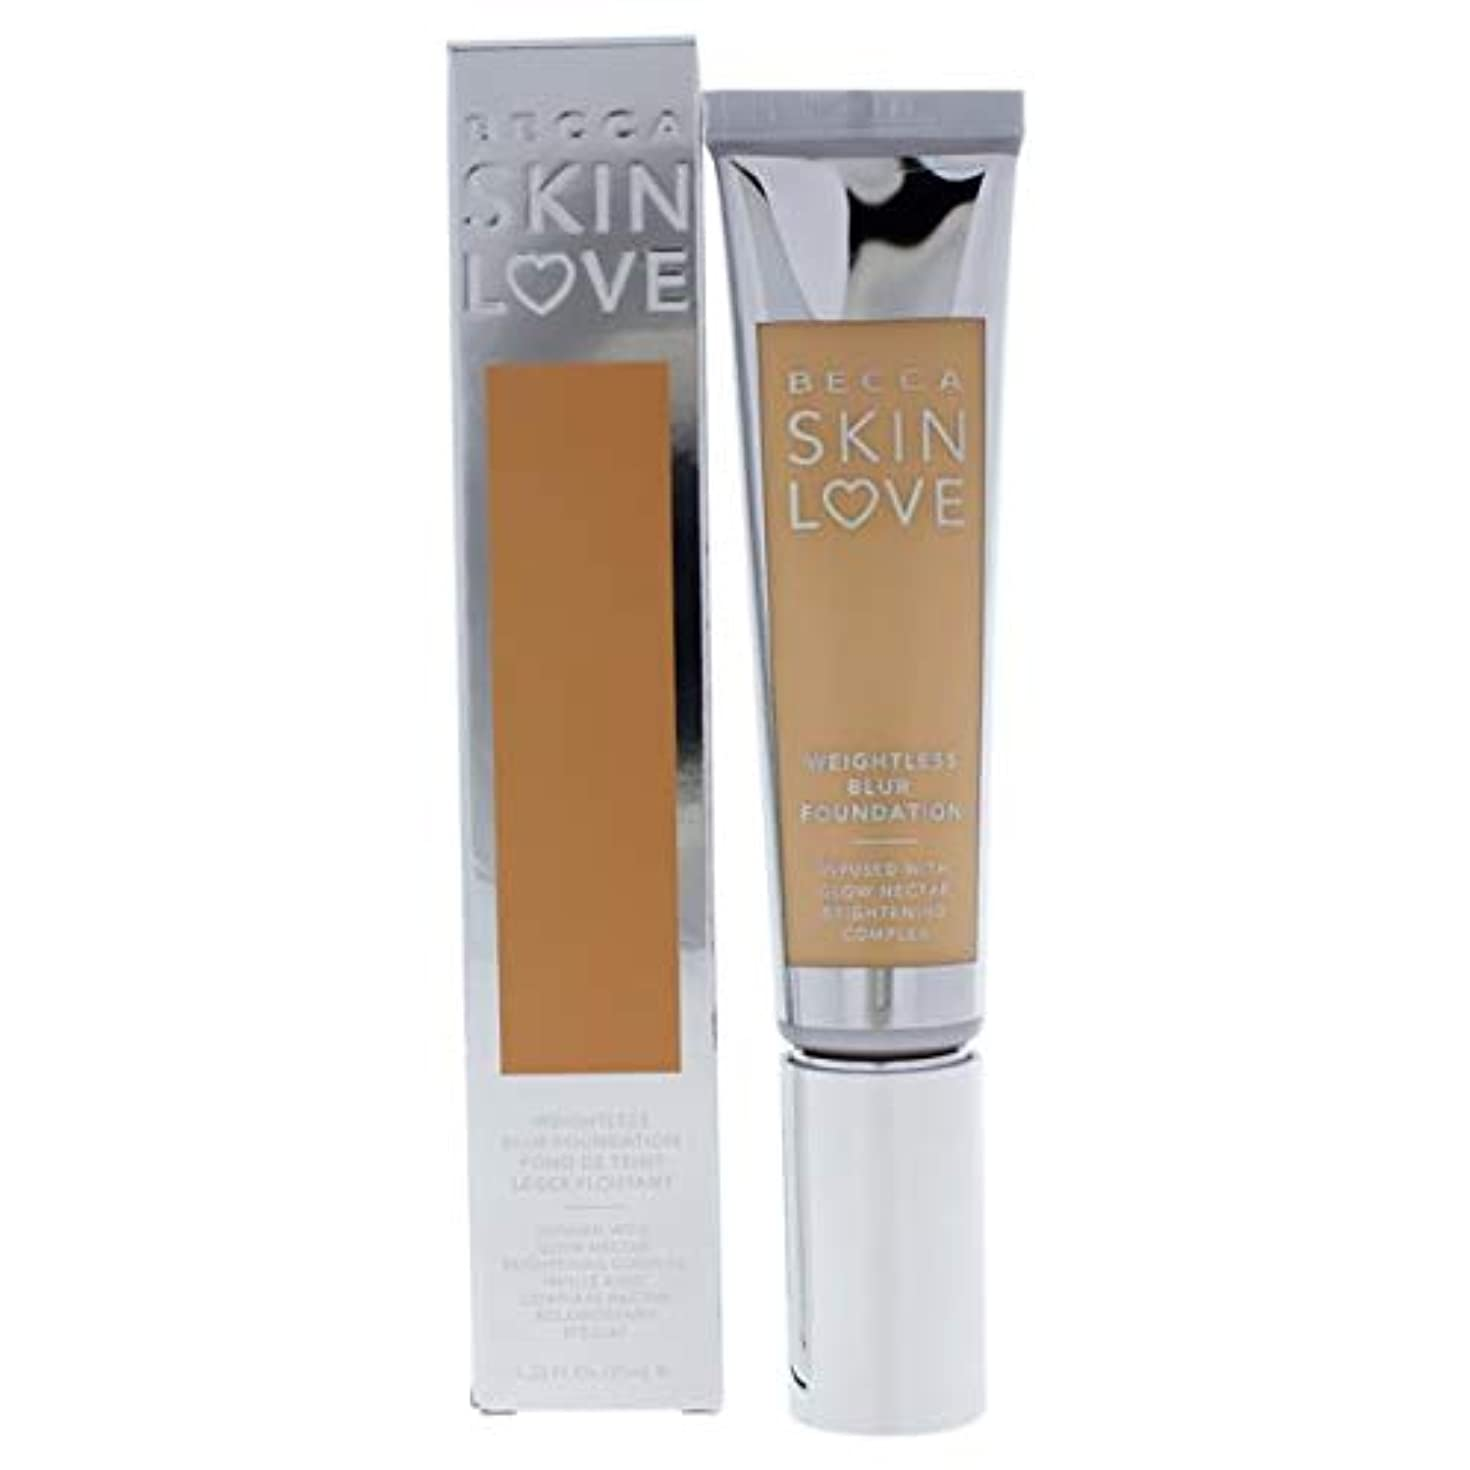 罰パラダイス物質ベッカ Skin Love Weightless Blur Foundation - # Vanilla 35ml/1.23oz並行輸入品